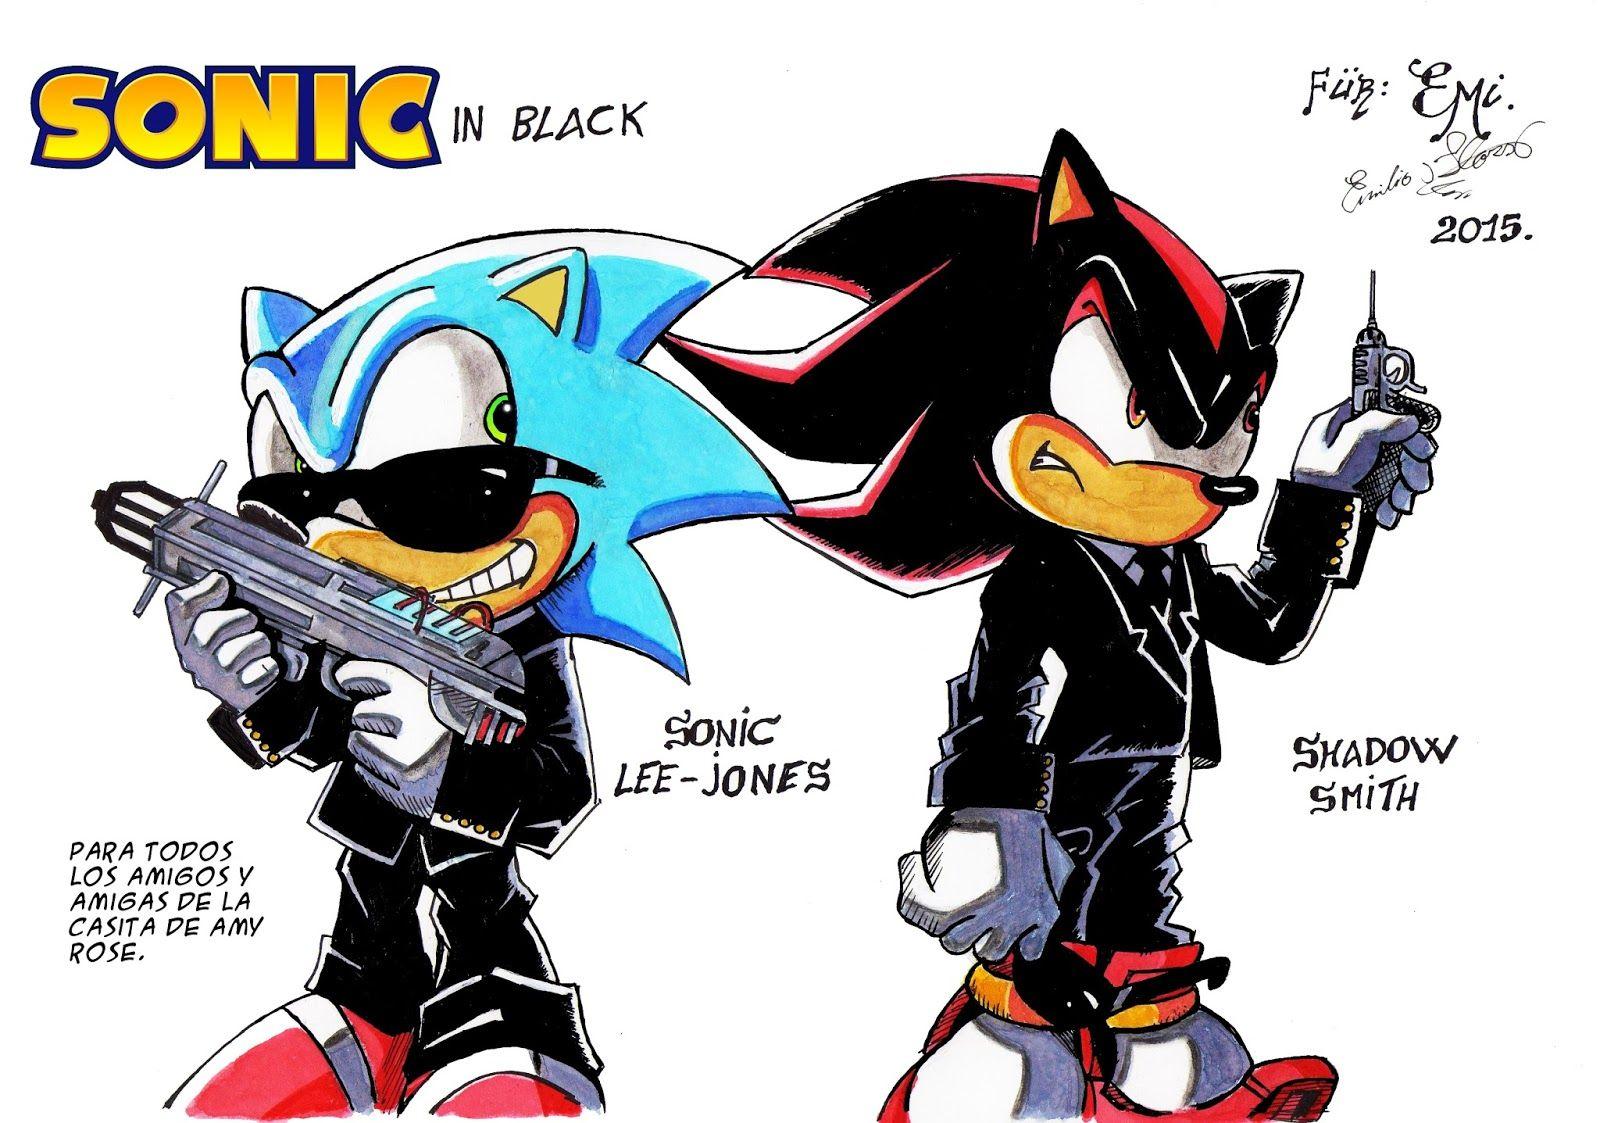 Sonic+in+black+Col..jpg (1600×1123)